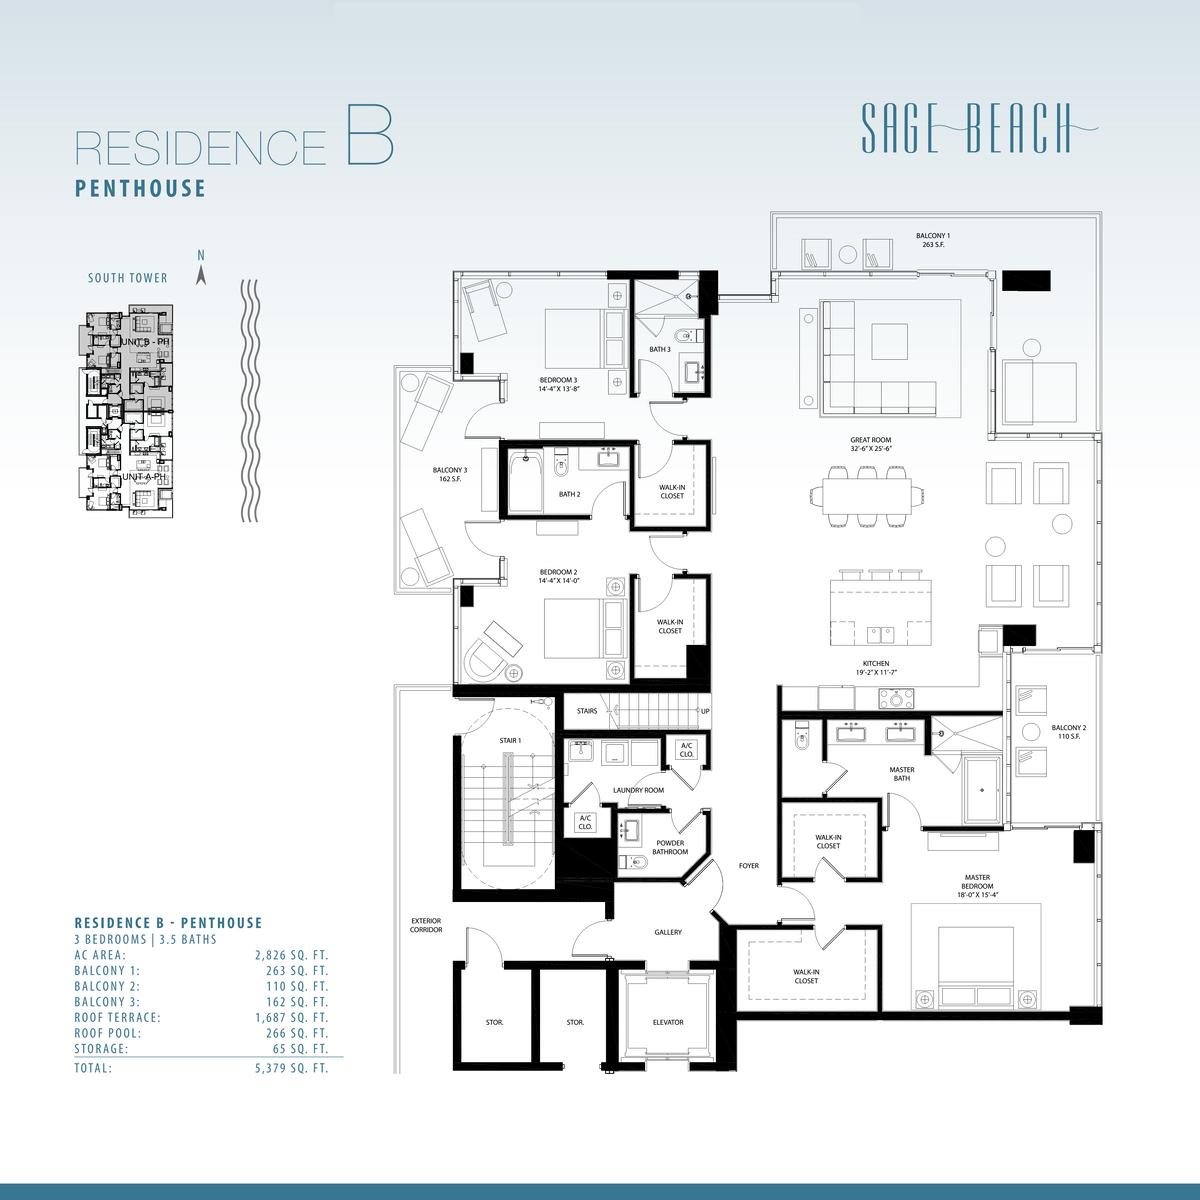 Sage Beach - Floorplan 3